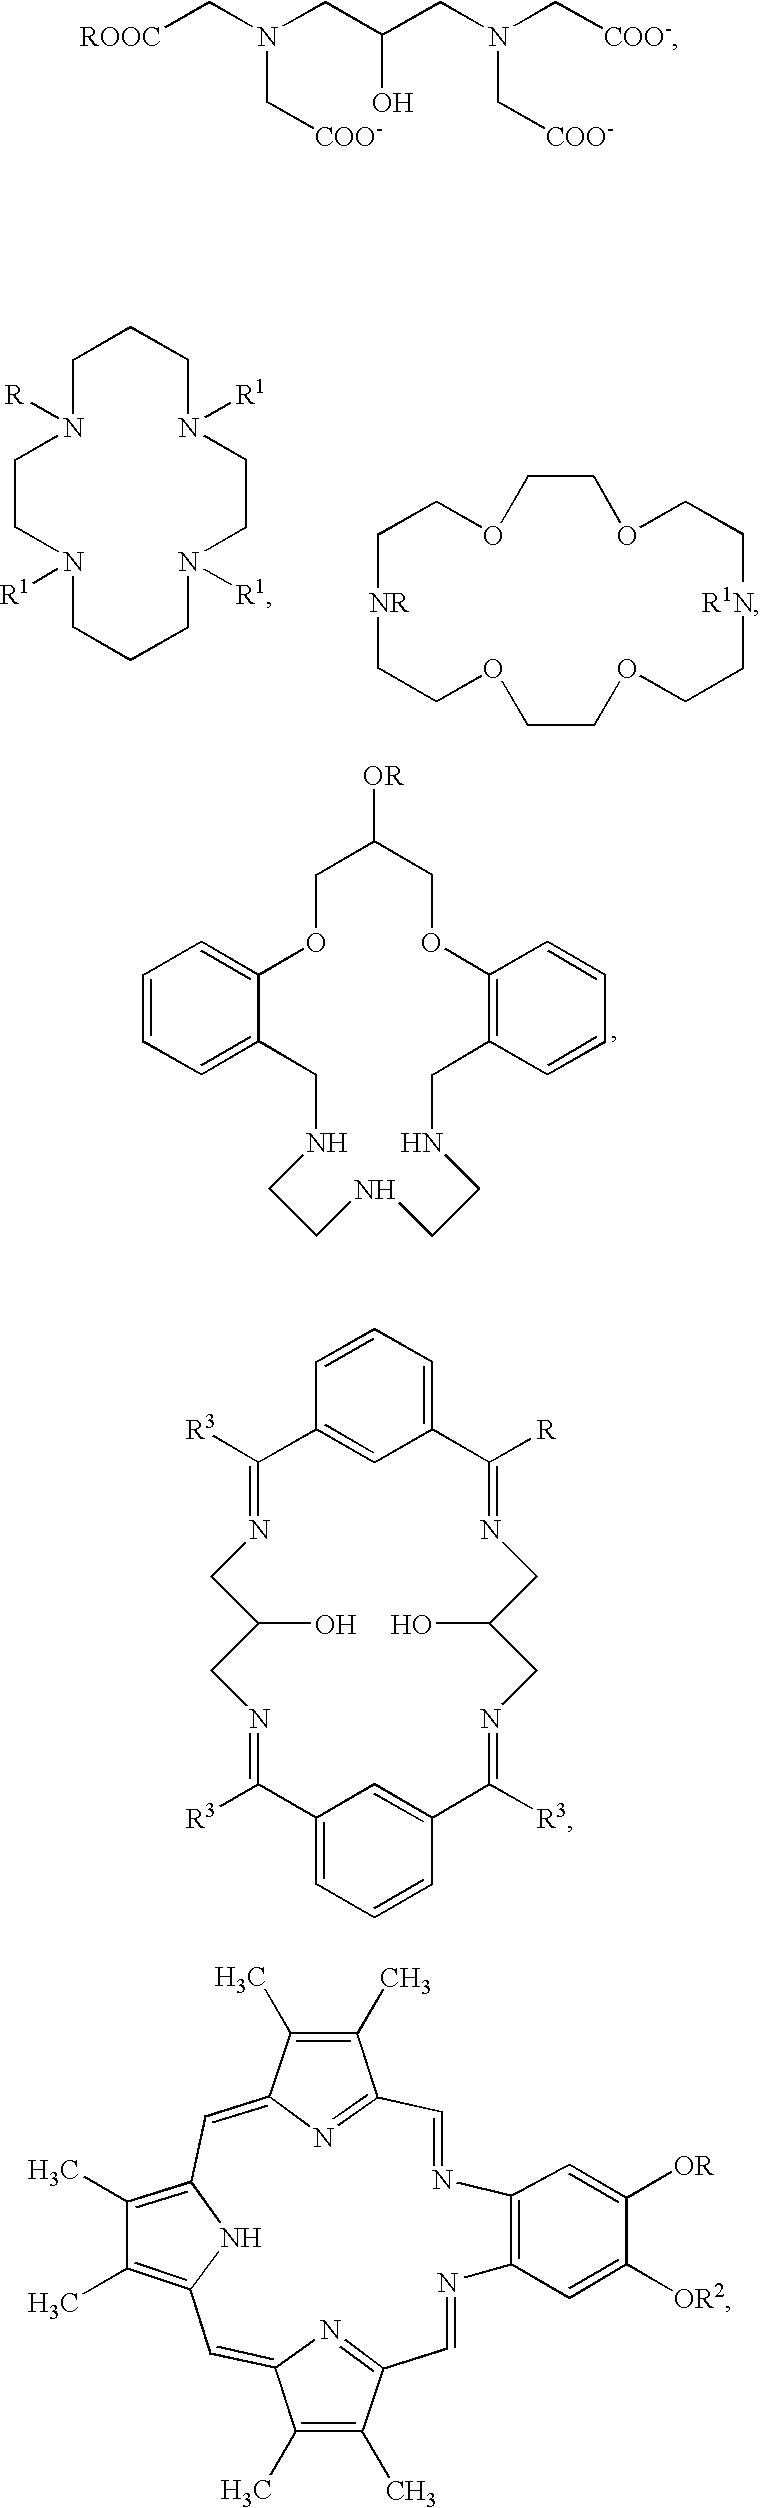 Figure US07786292-20100831-C00030